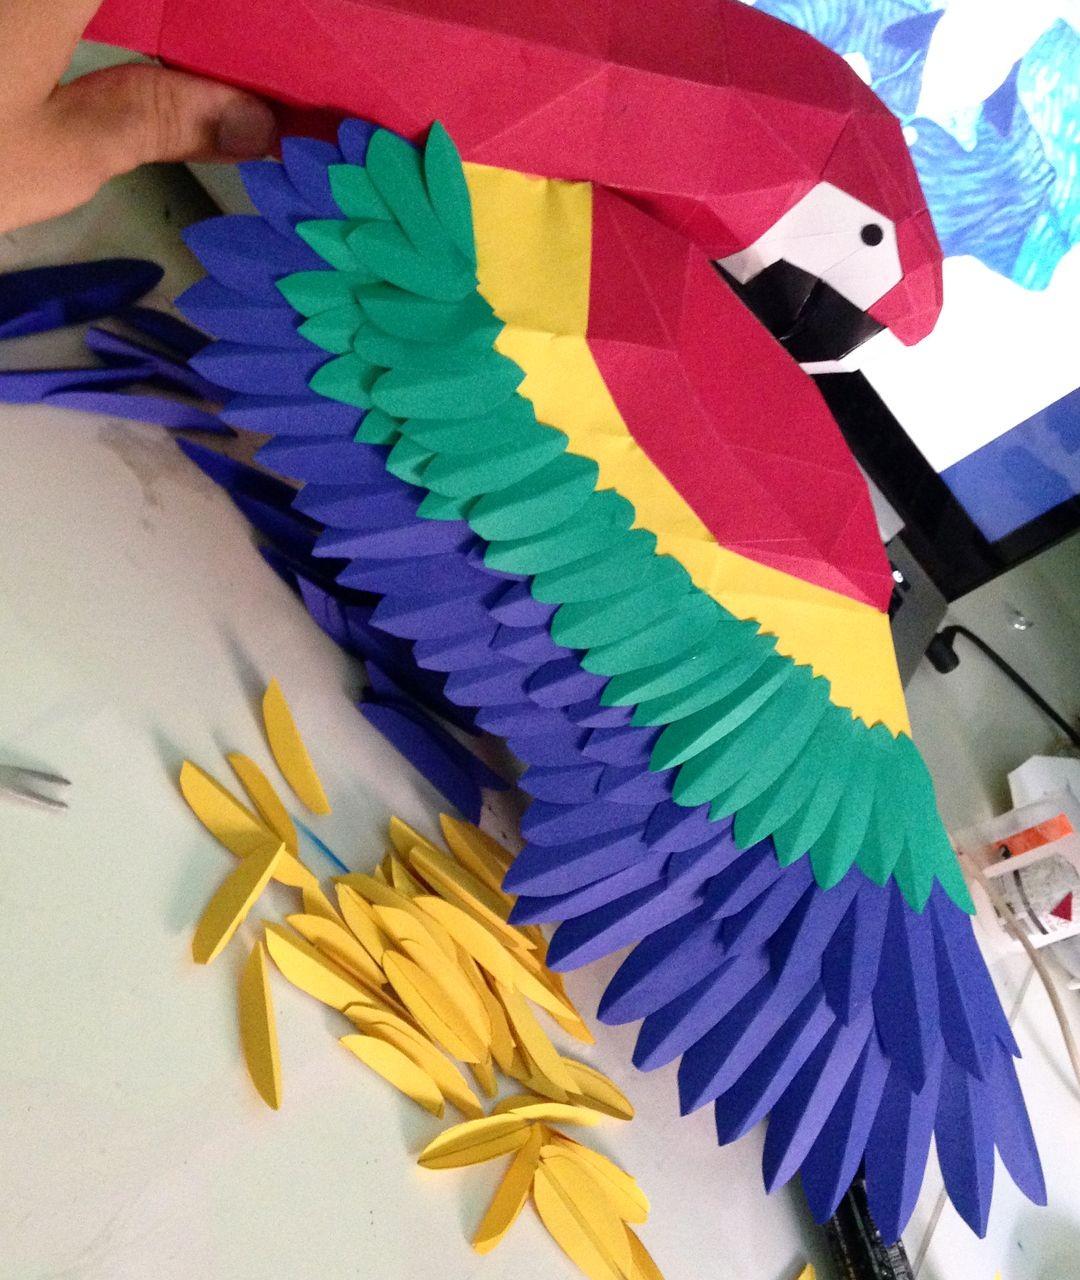 Blender Papercraft Processo De Montagem Da Araraºna Papercraft Lowpoly